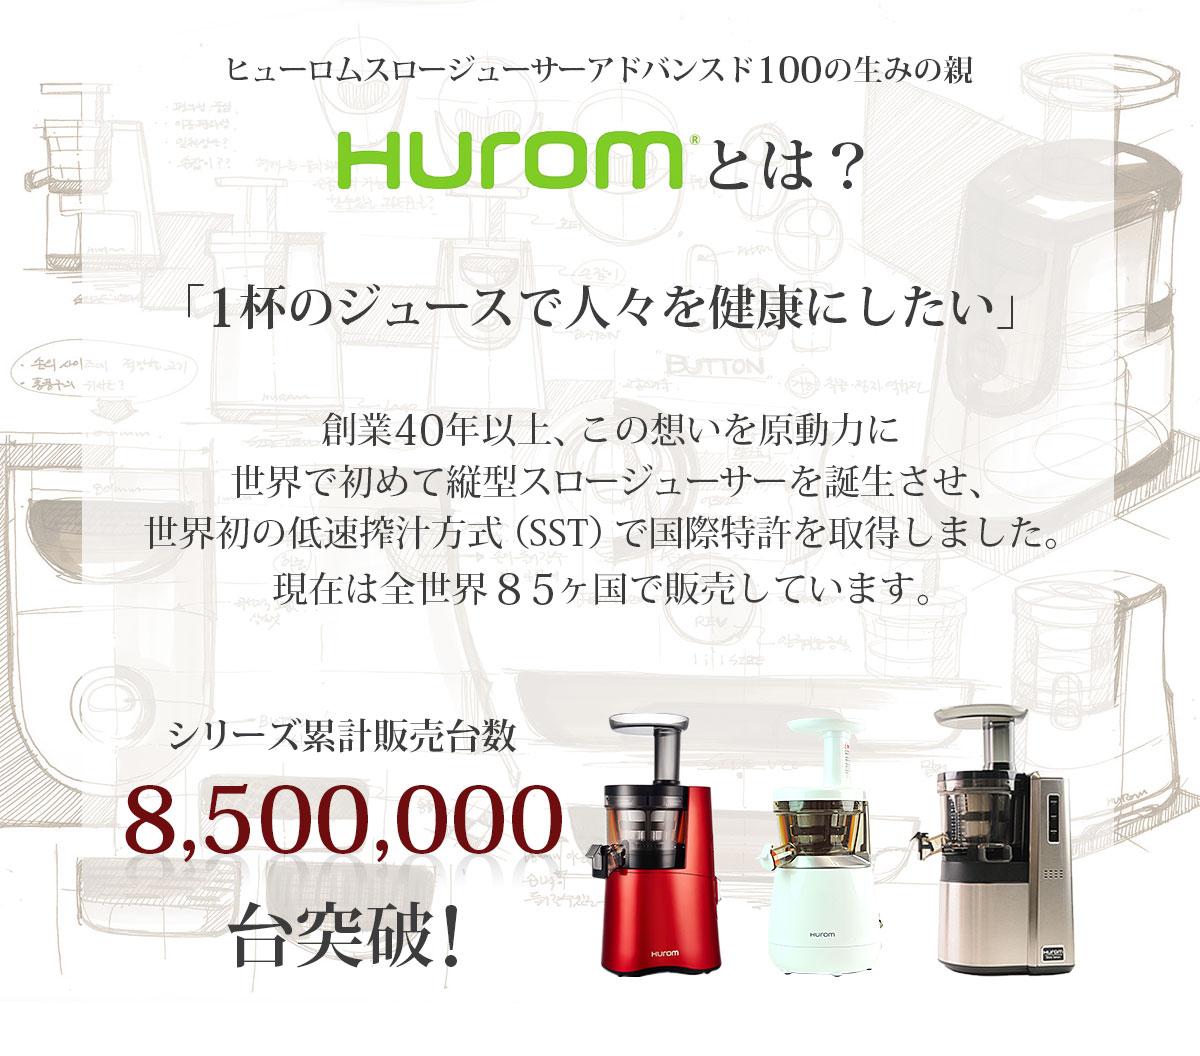 ヒューロムスロージューサーアドバンスド100の生みの親huromとは? 「1杯のジュースで人々を健康にしたい」 創業40年以上、この想いを原動力に世界で初めて縦型スロージューサーを誕生させ、世界初の低速搾汁方式(SST)で国際特許を取得しました。現在は全世界85ヶ国で販売しています。シリーズ累計販売台数 8,500,000台突破!